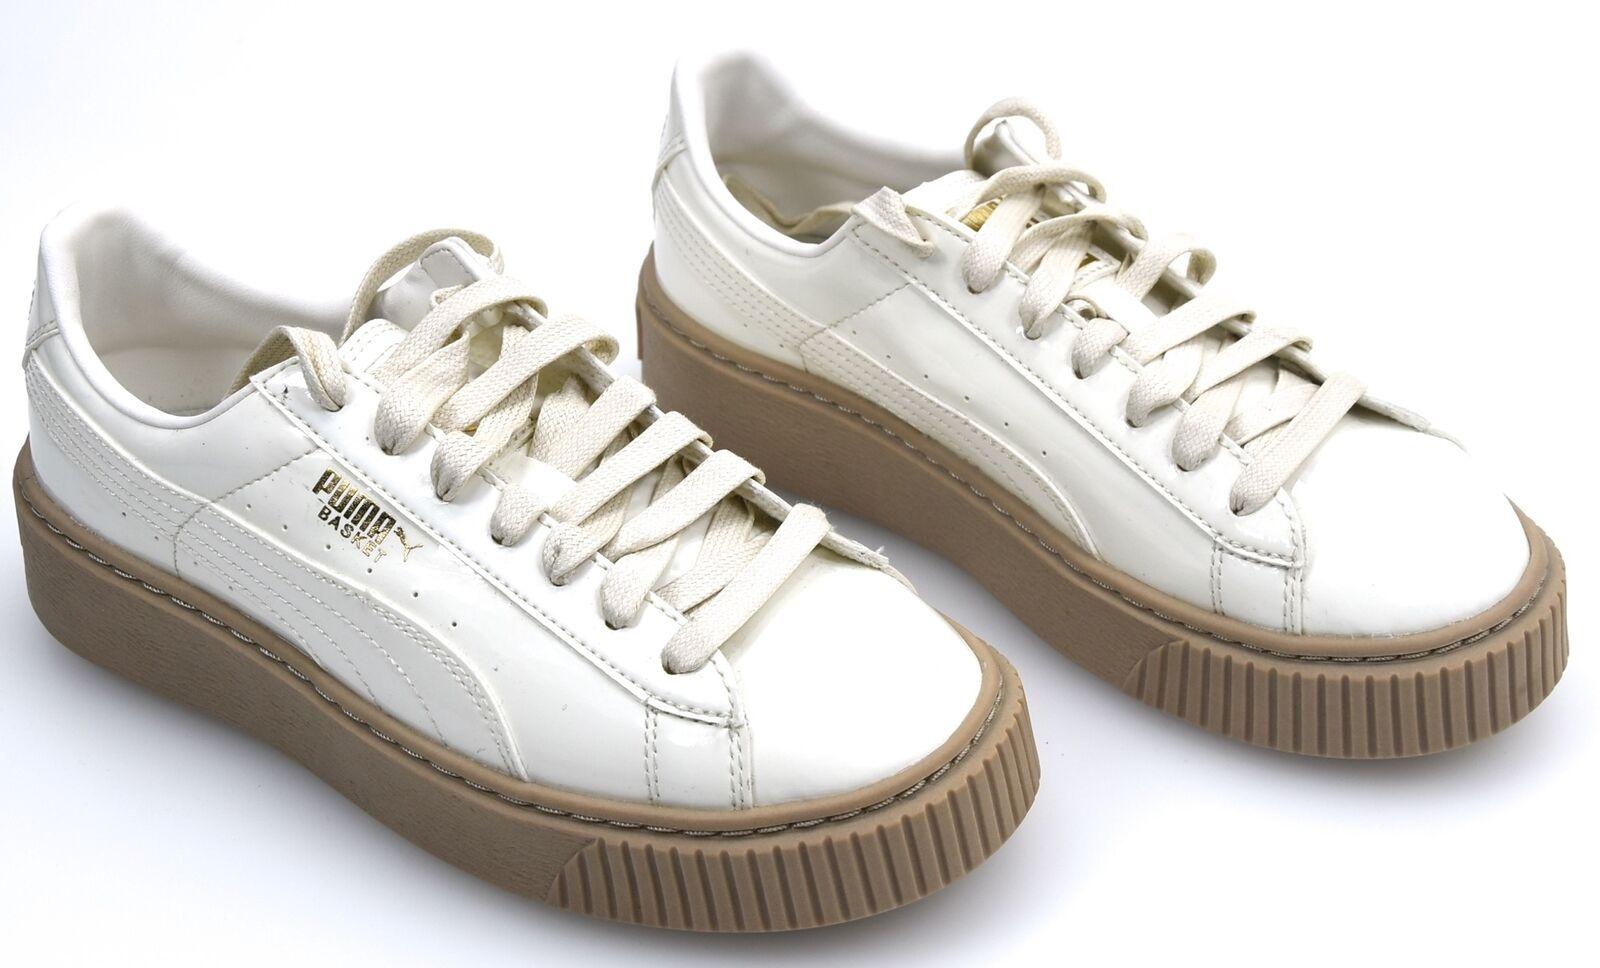 Puma zapatillas señora zapatos casual zapatillas 363314 Basket Platform Platform Platform patente wn 's  alto descuento